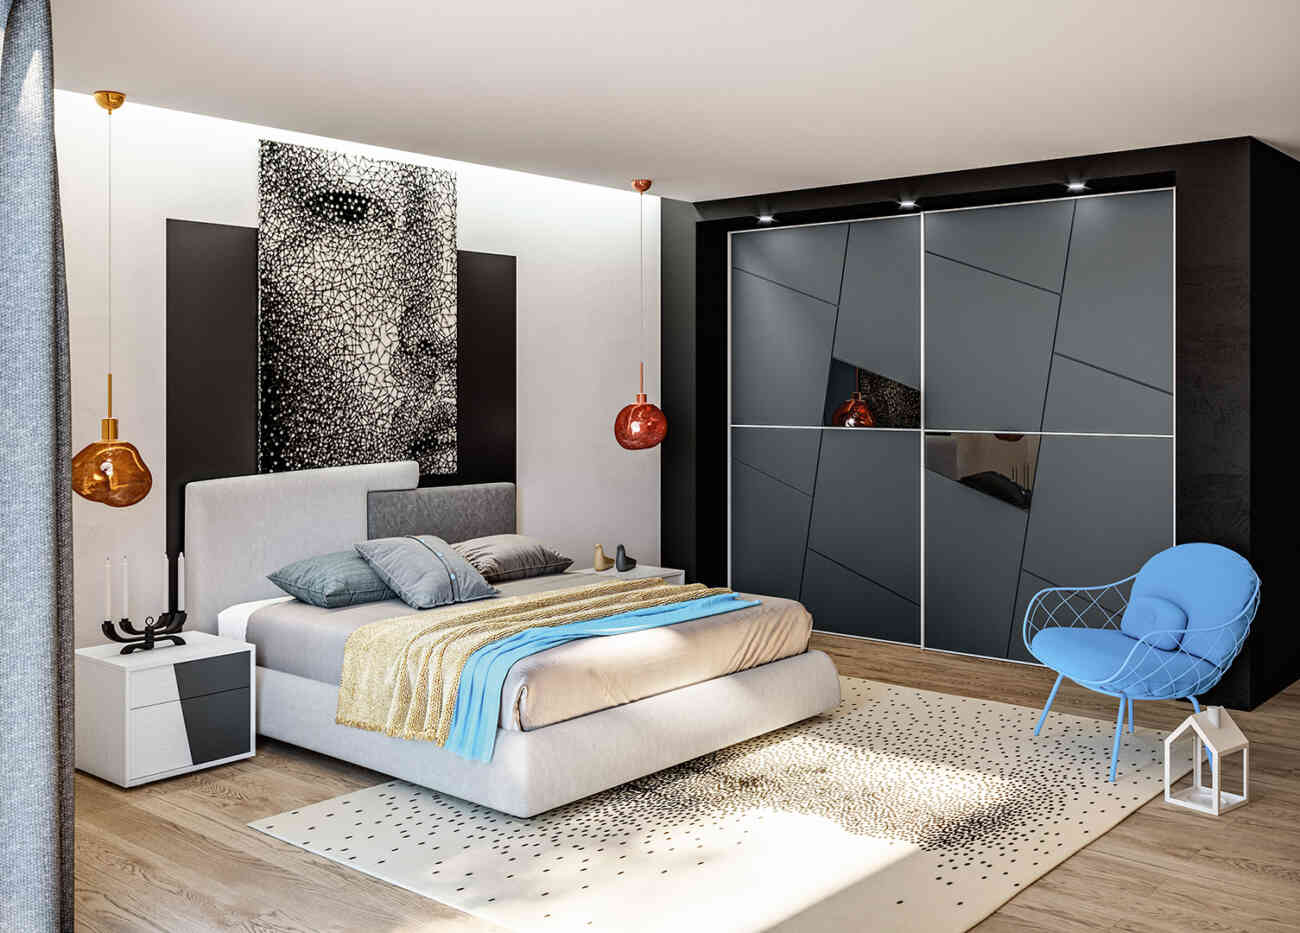 Camera da letto 17 - Giessegi - Gruppo Inventa Arredamento Pozzallo ...